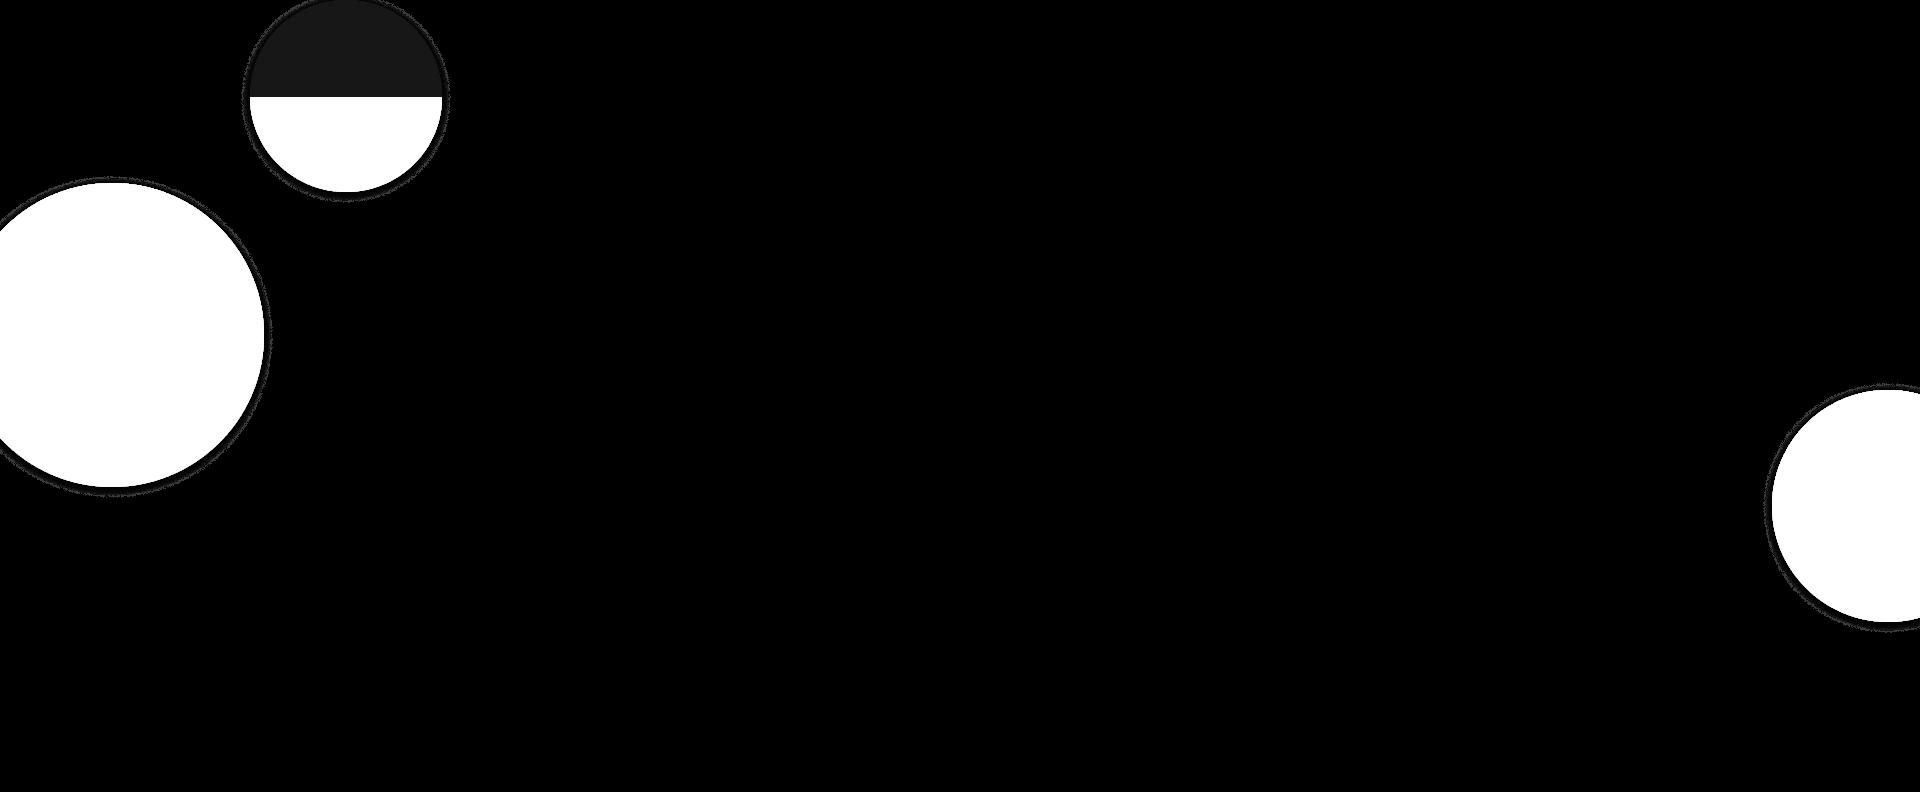 background elementos